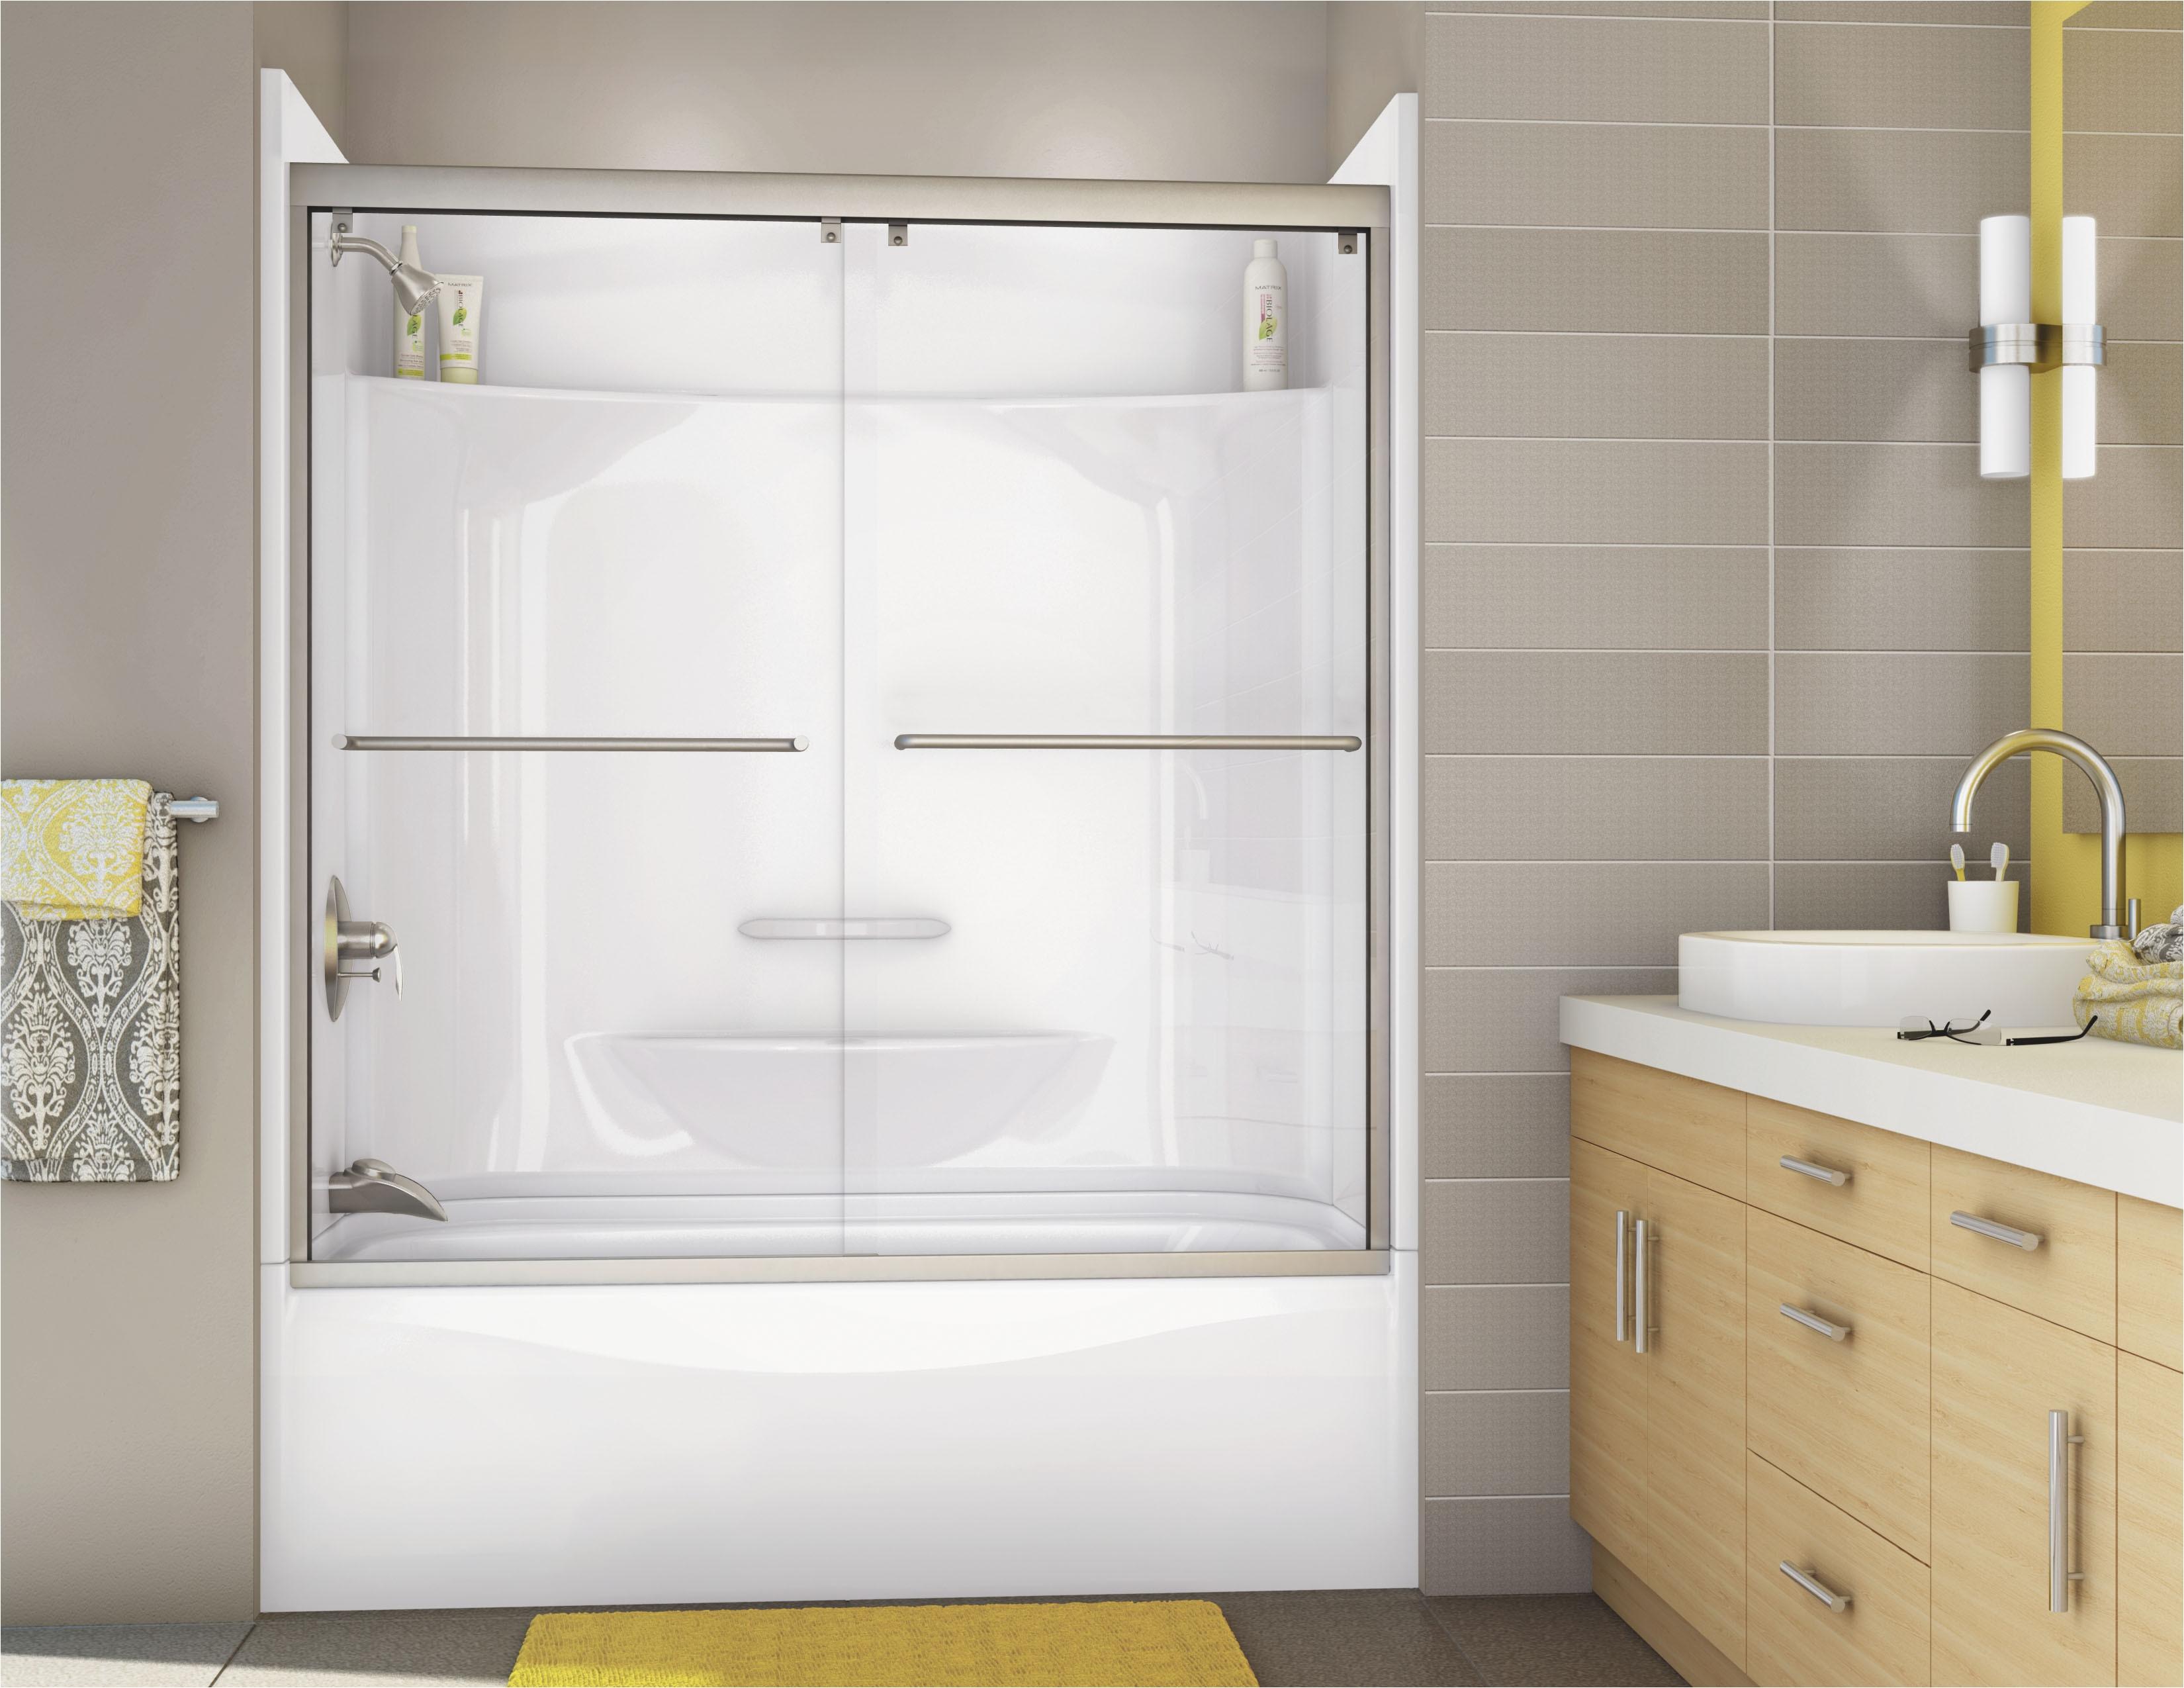 One Piece Bathtub Shower Unit One Piece Bathtub Shower Combo Elegant Acrylic Tub Shower Units